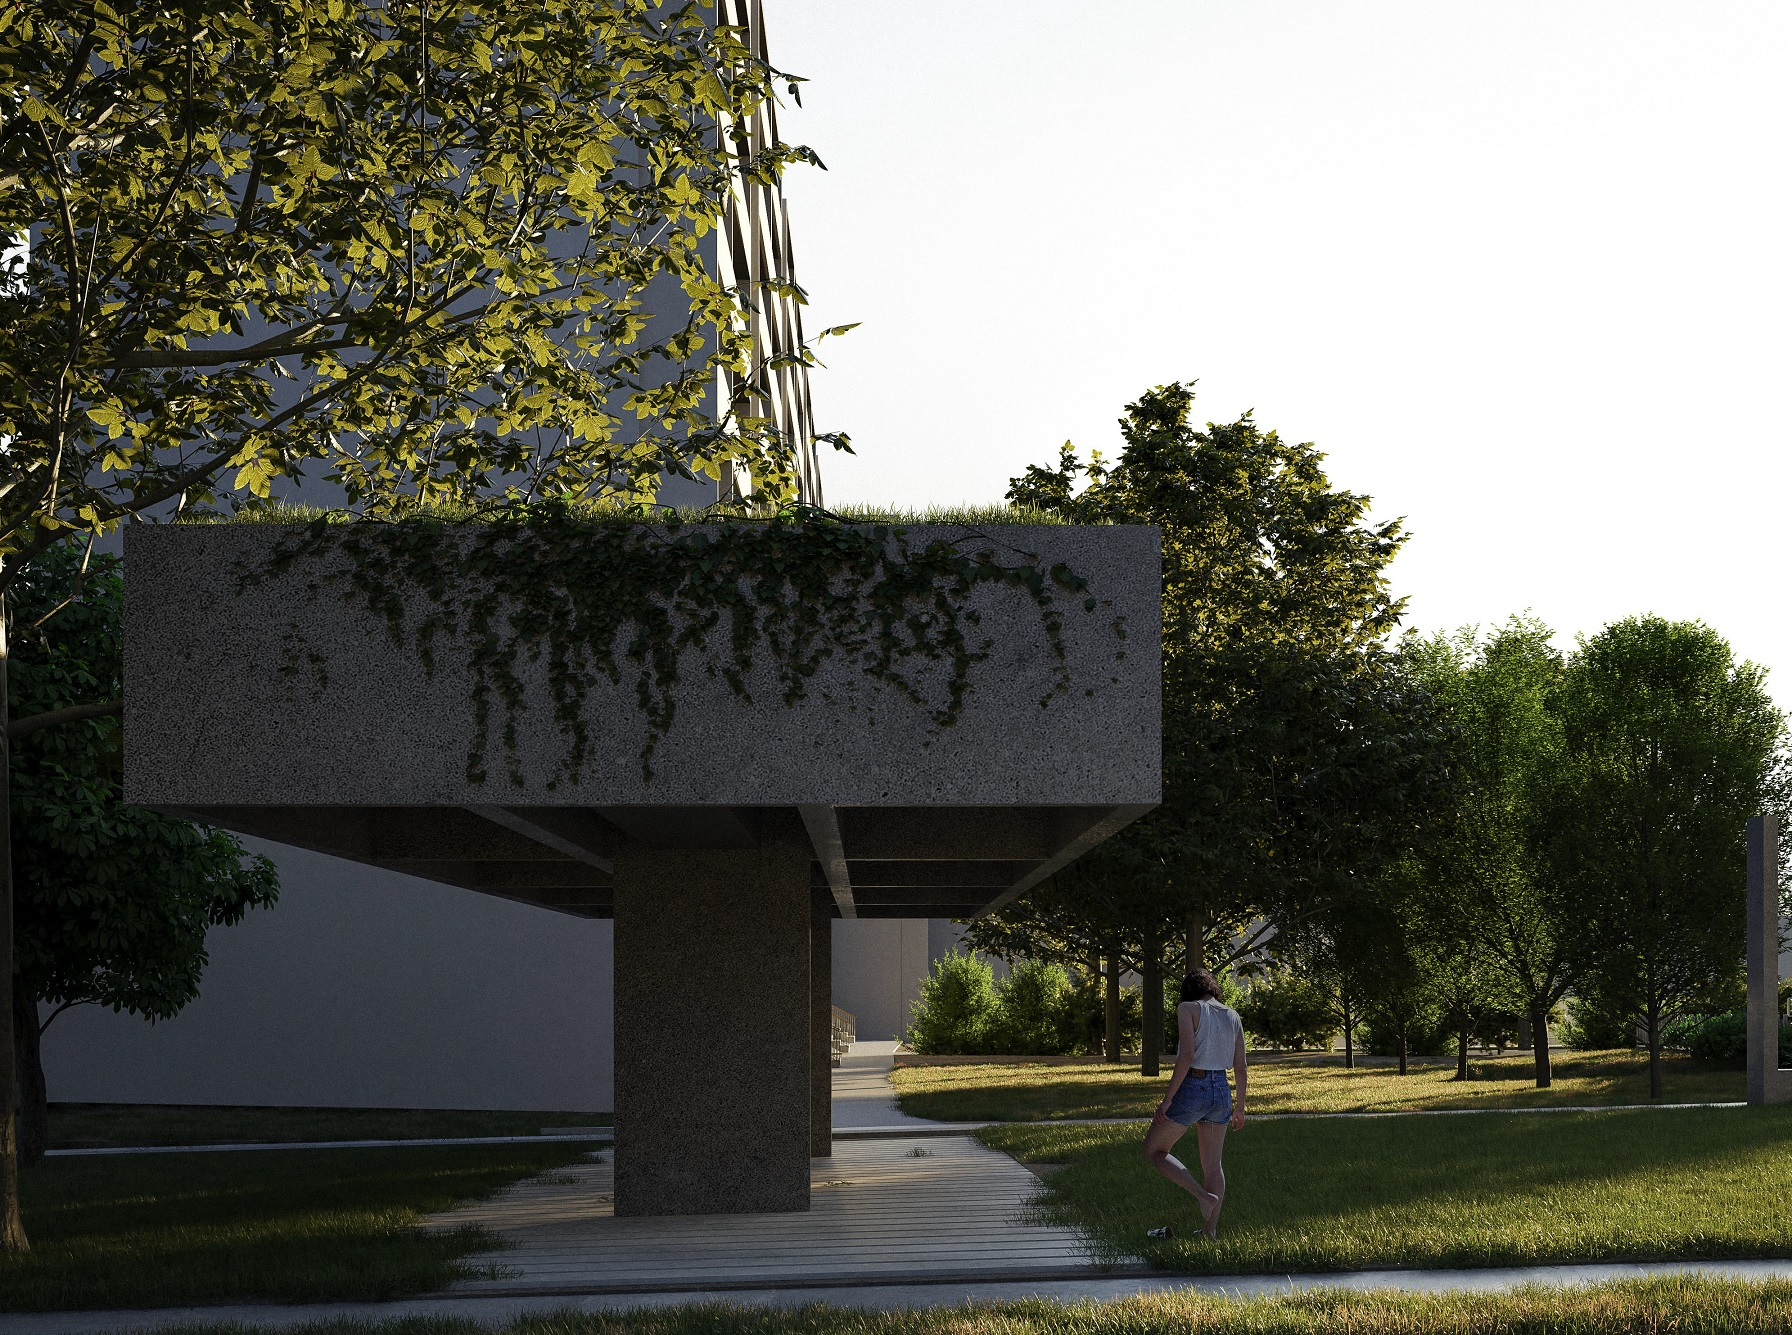 Vizualizácia multifunčného pavilónu